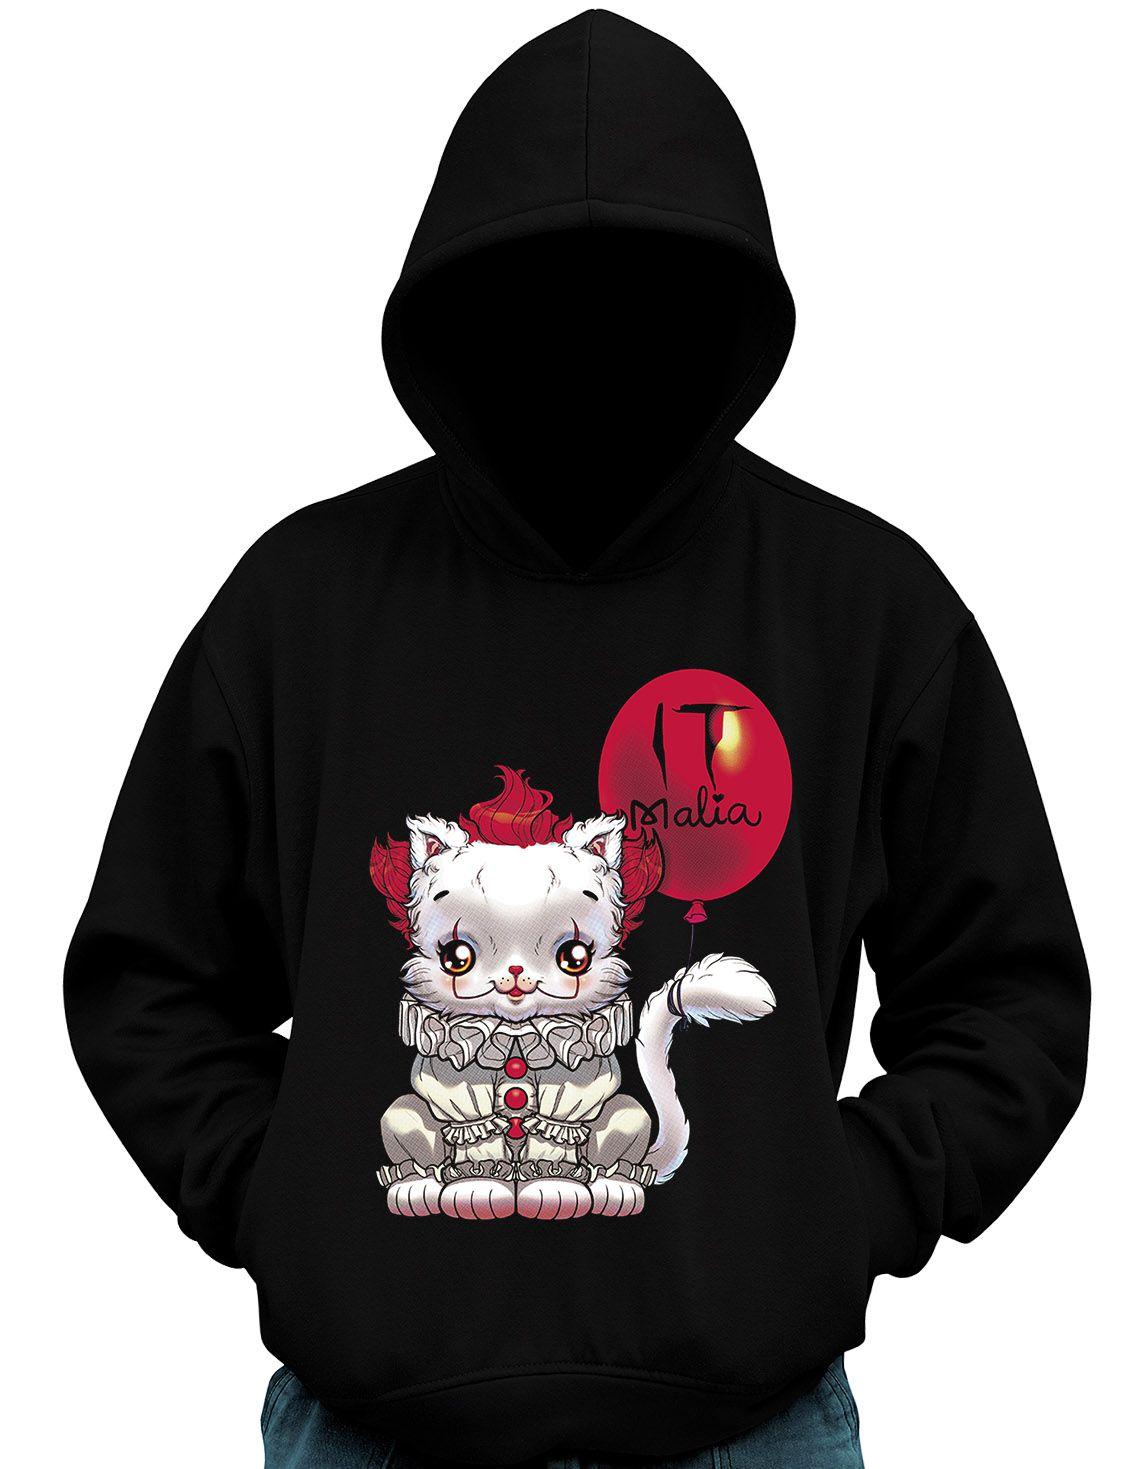 Blusa De Moletom It Malia A Coisa Fofa Parodia Filme Terror  - Dragon Store